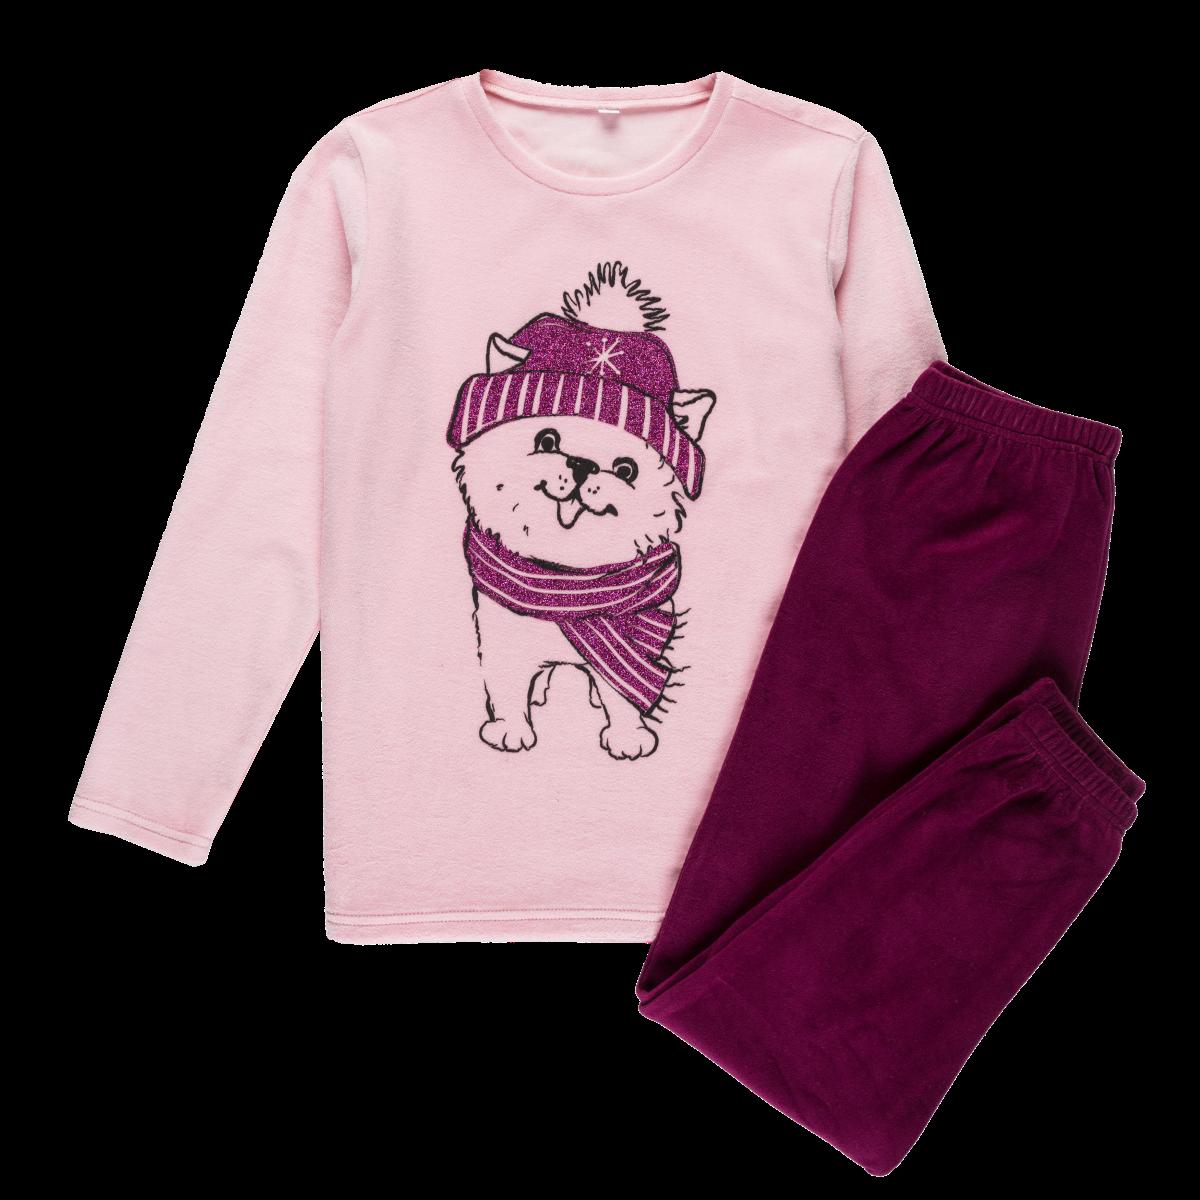 Dekliška pižama, svetlo roza